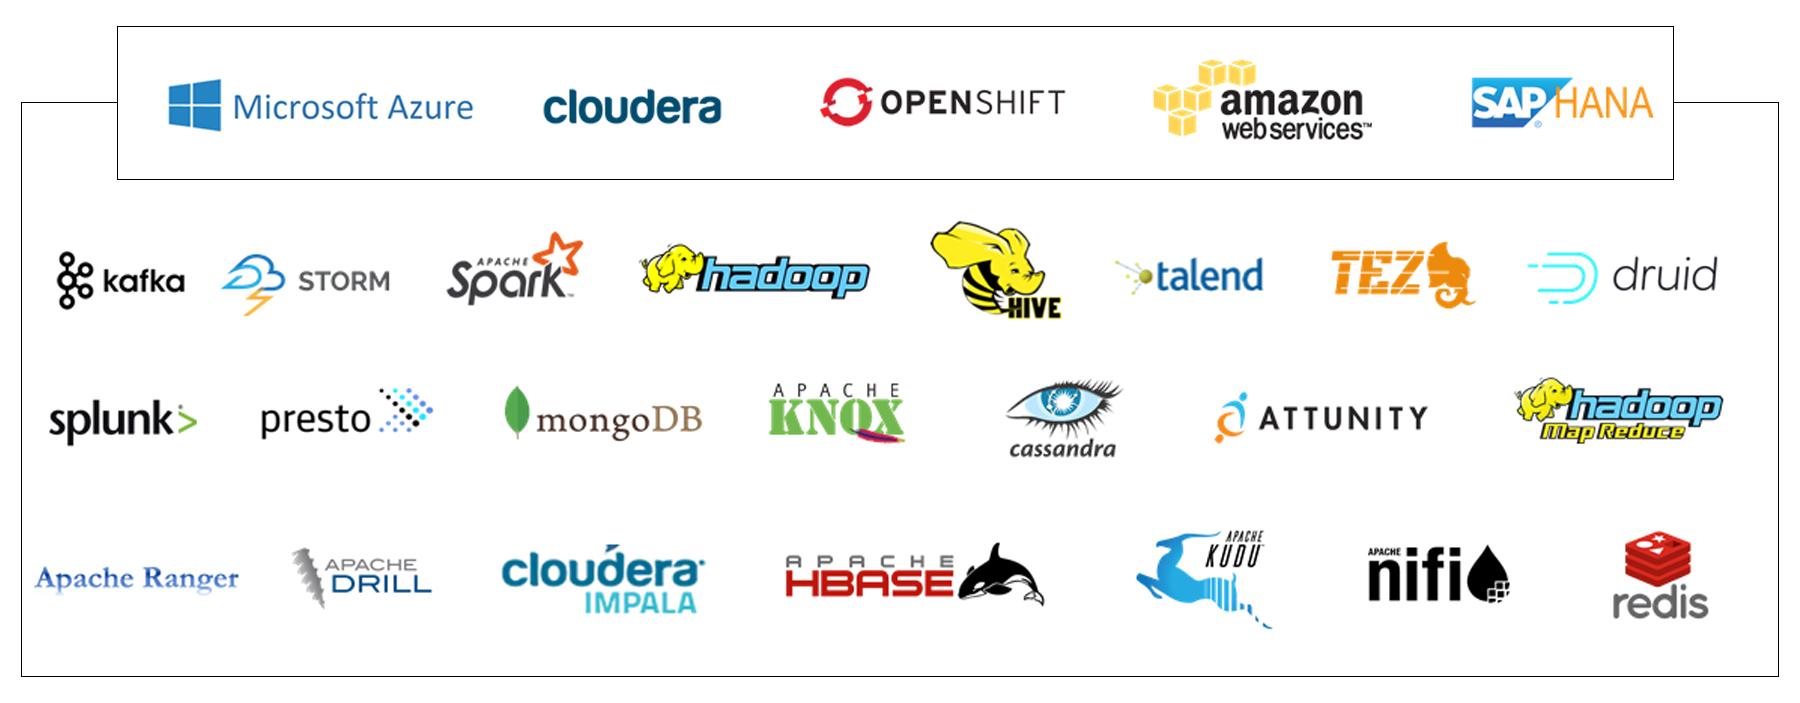 tools&platforms